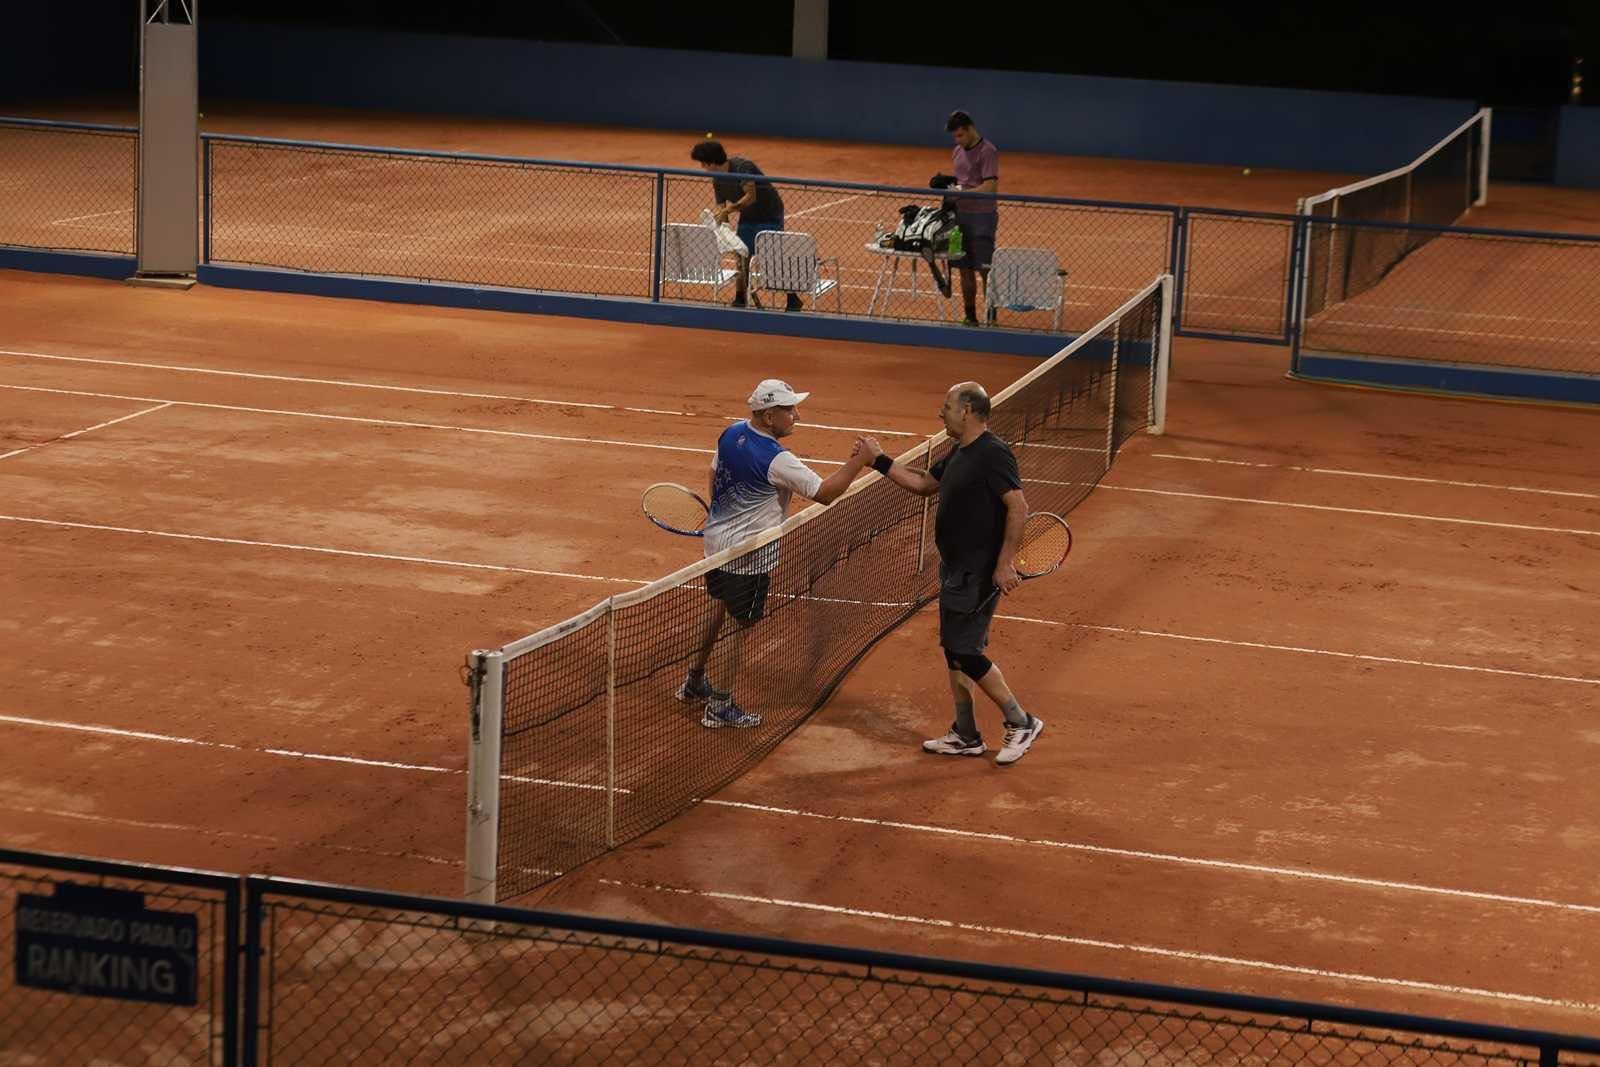 V Etapa do Ranking de Tênis 2019: confira os resultados